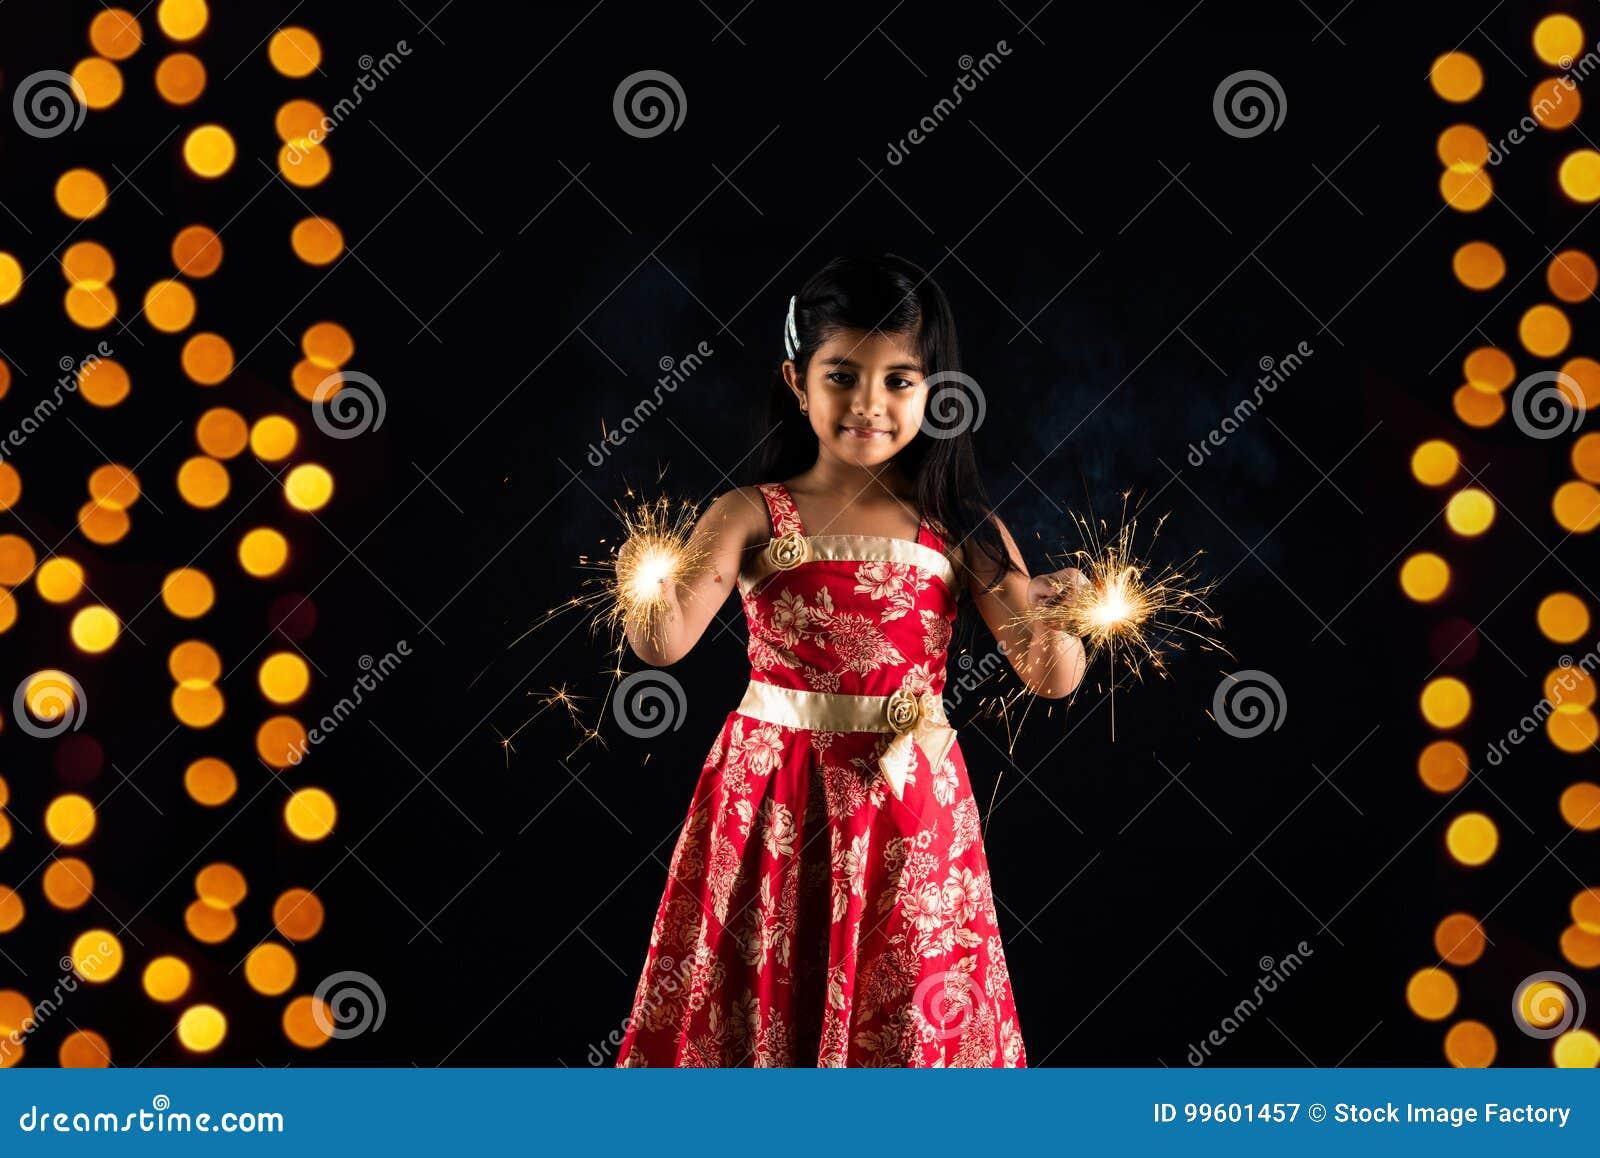 Φωτογραφία αποθεμάτων του ινδικού fulzadi ή του σπινθηρίσματος εκμετάλλευσης μικρών κοριτσιών ή κροτίδα πυρκαγιάς στη νύχτα diwal